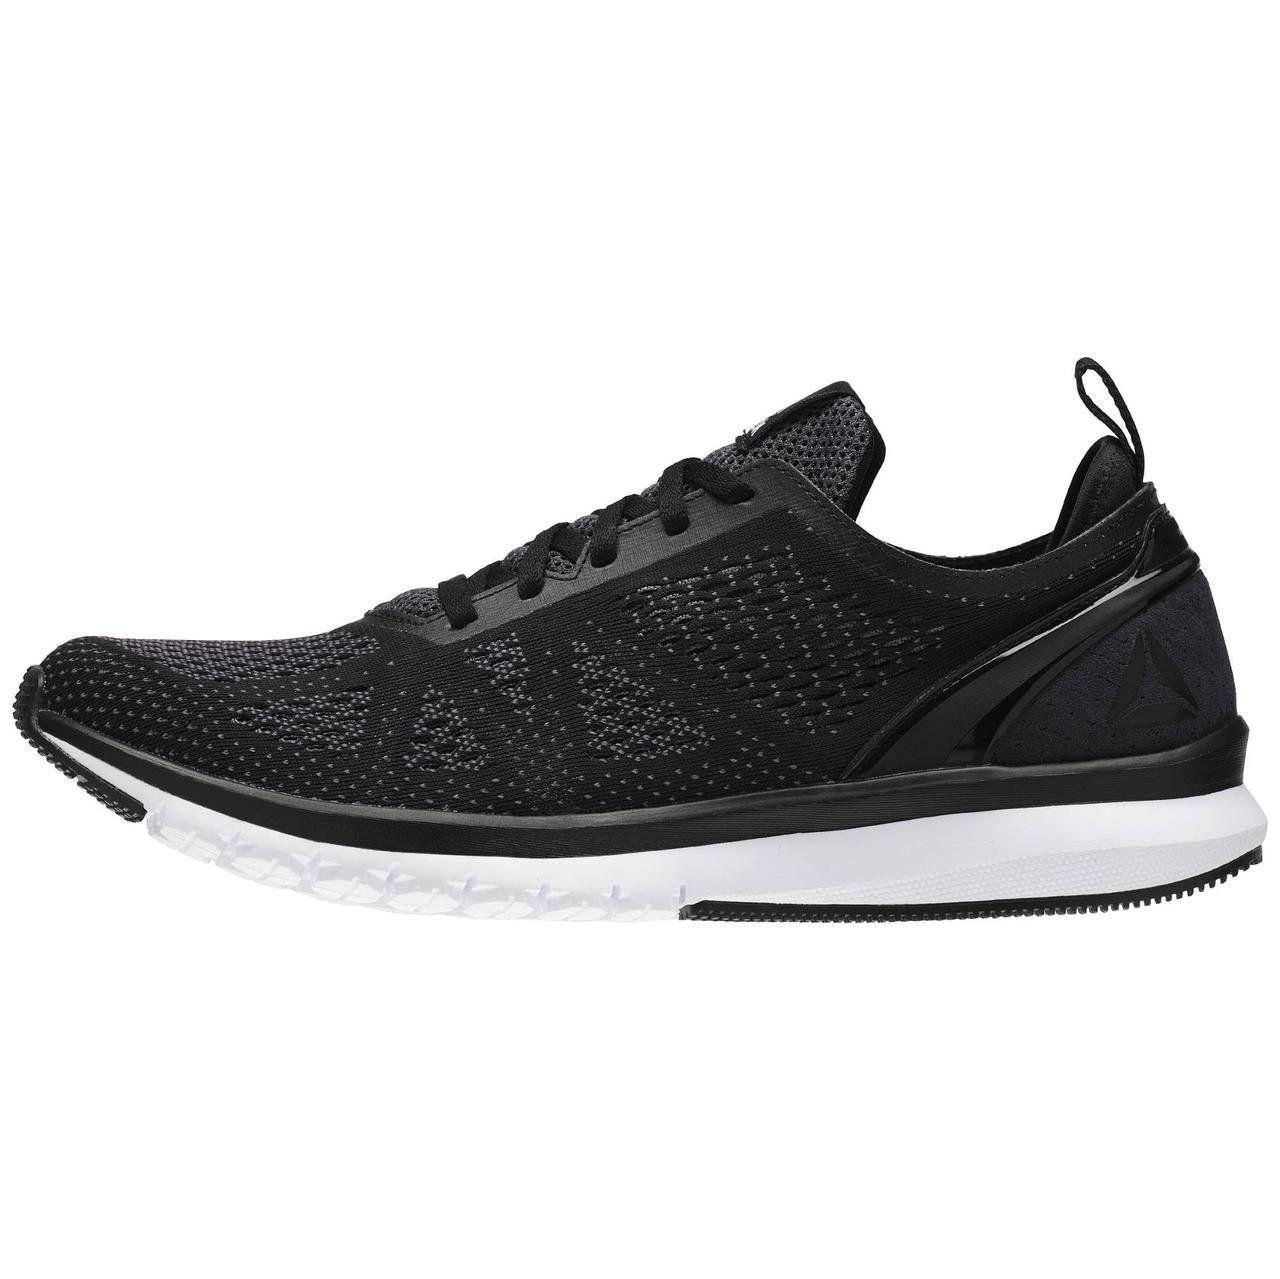 کفش مخصوص دویدن مردانه ریباک مدل Print Smooth BS8574             , خرید اینترنتی